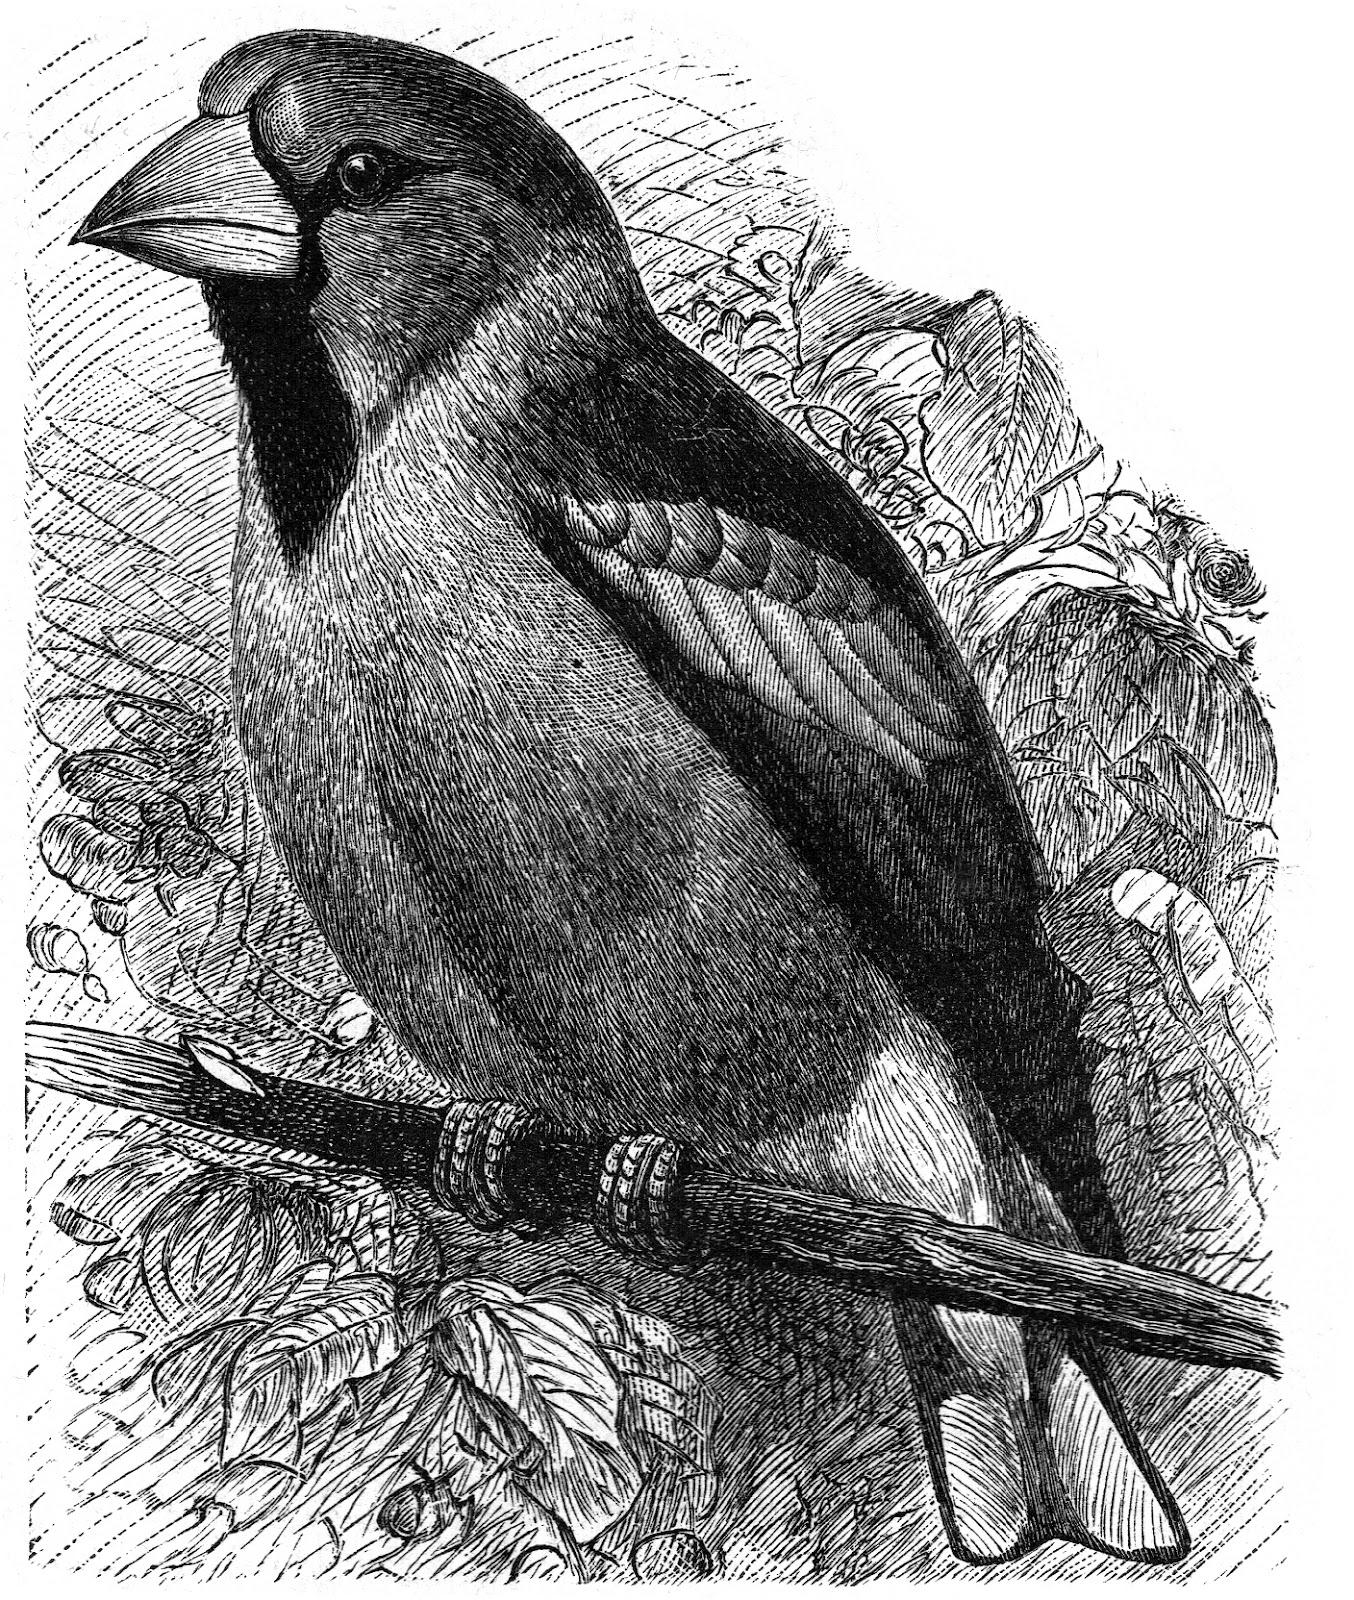 Коллекция картинок: Птицы графика: madamkartinki.blogspot.com/2012/05/blog-post_12.html